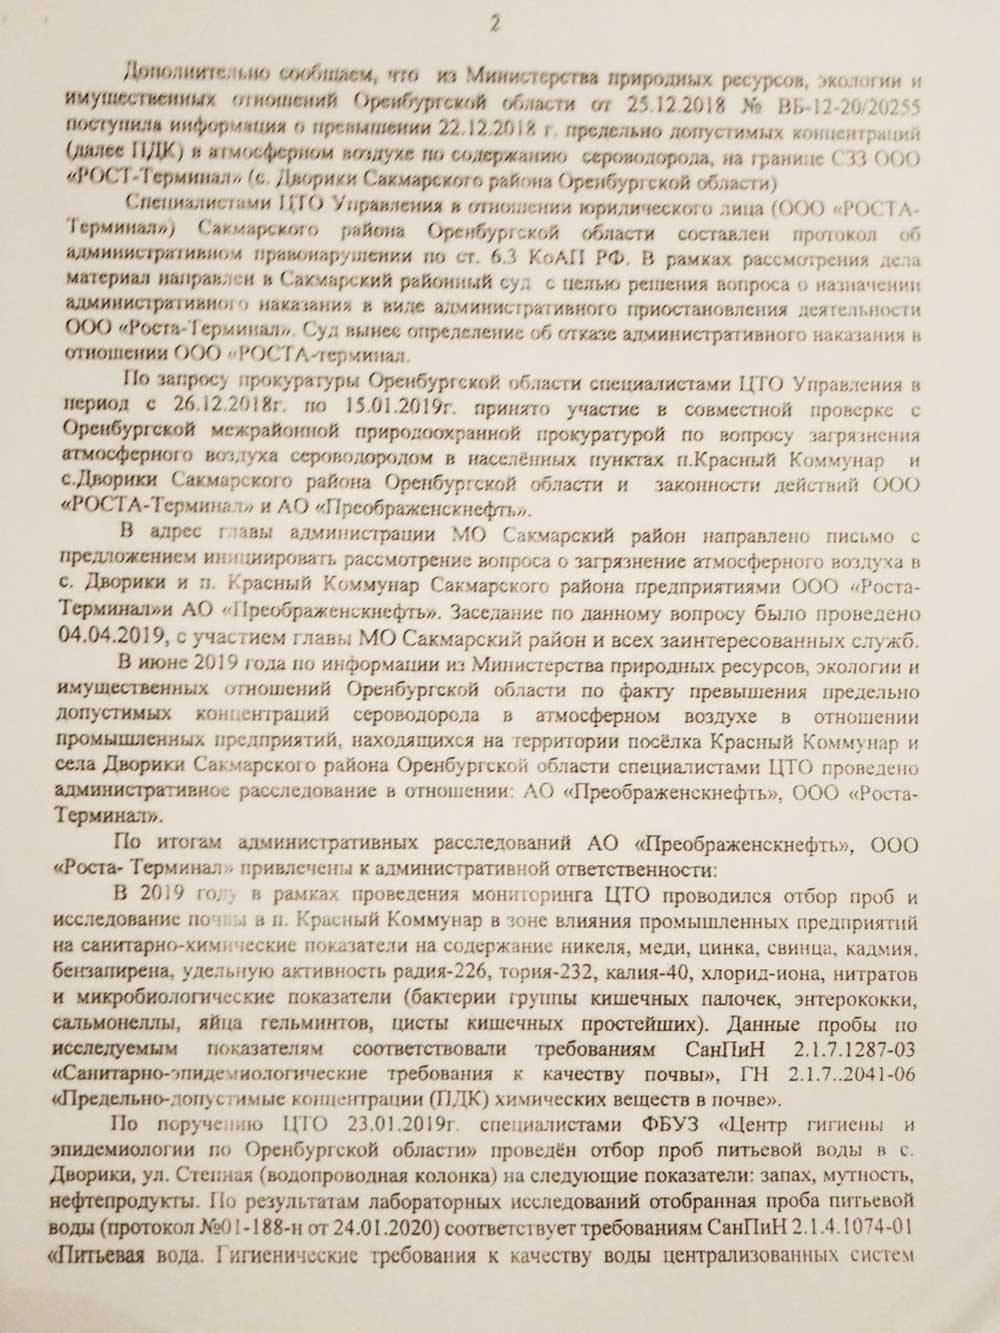 Роспотребнадзор Рябову В.А.